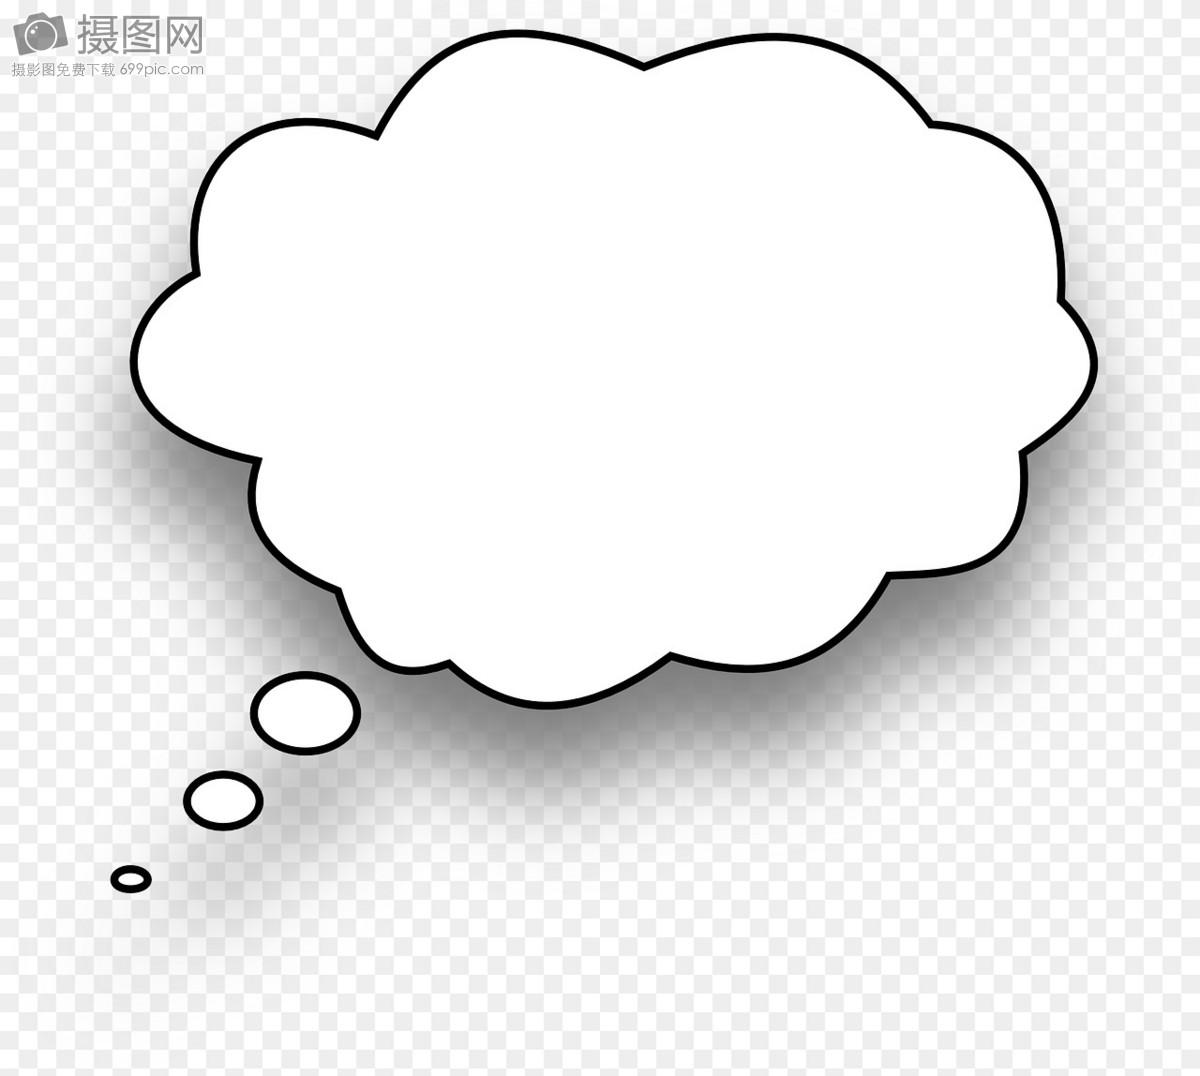 气泡文字框图片素材_免费下载_svg图片格式_高清图片400011393_摄图网